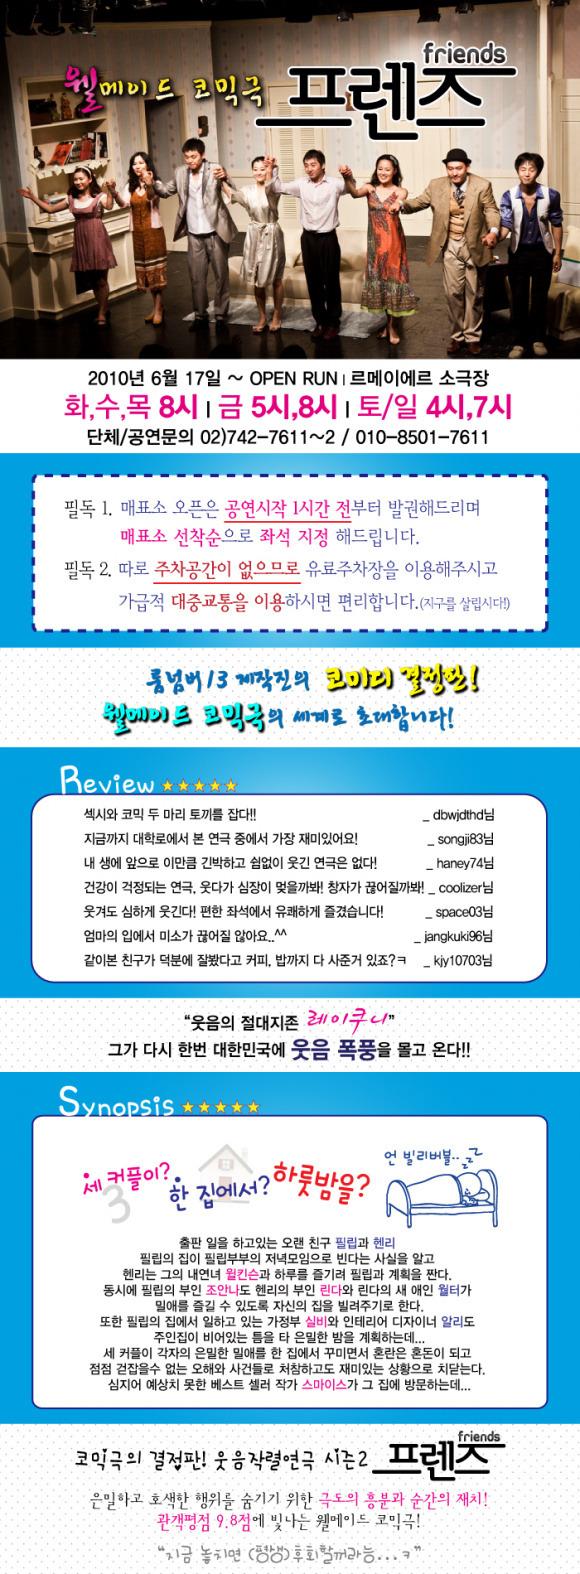 필립 역 : 양형민 - [연극] 미라클, 남자충동, 러브스토리, 로즈마리, 룸넘버13 외 다수